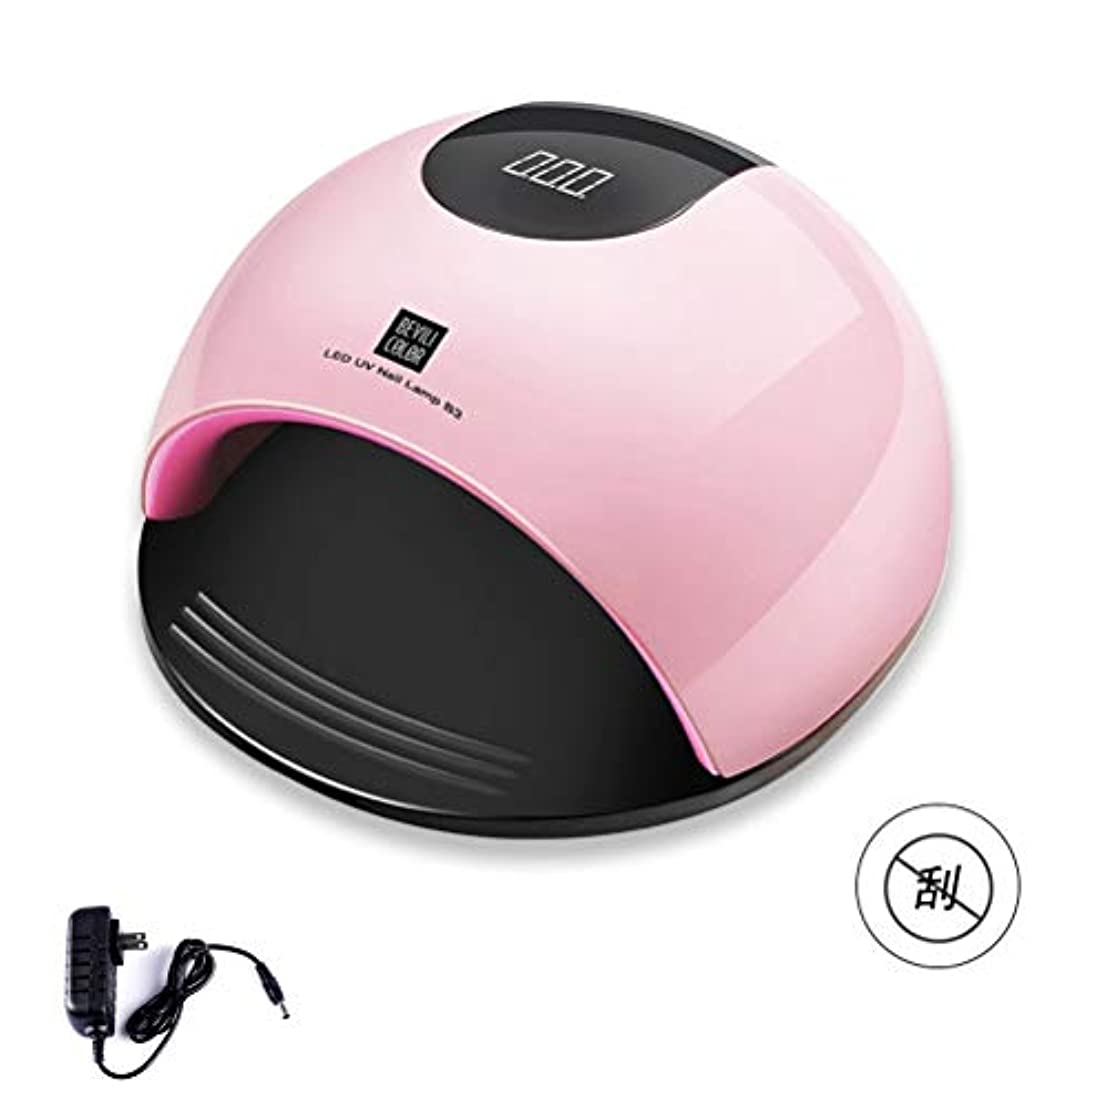 独裁に付ける逸話80ワットネイル光線療法マシンLEDライト速乾性ネイルランプ誘導ネイルベーキングランプドライヤー (Color : Pink)